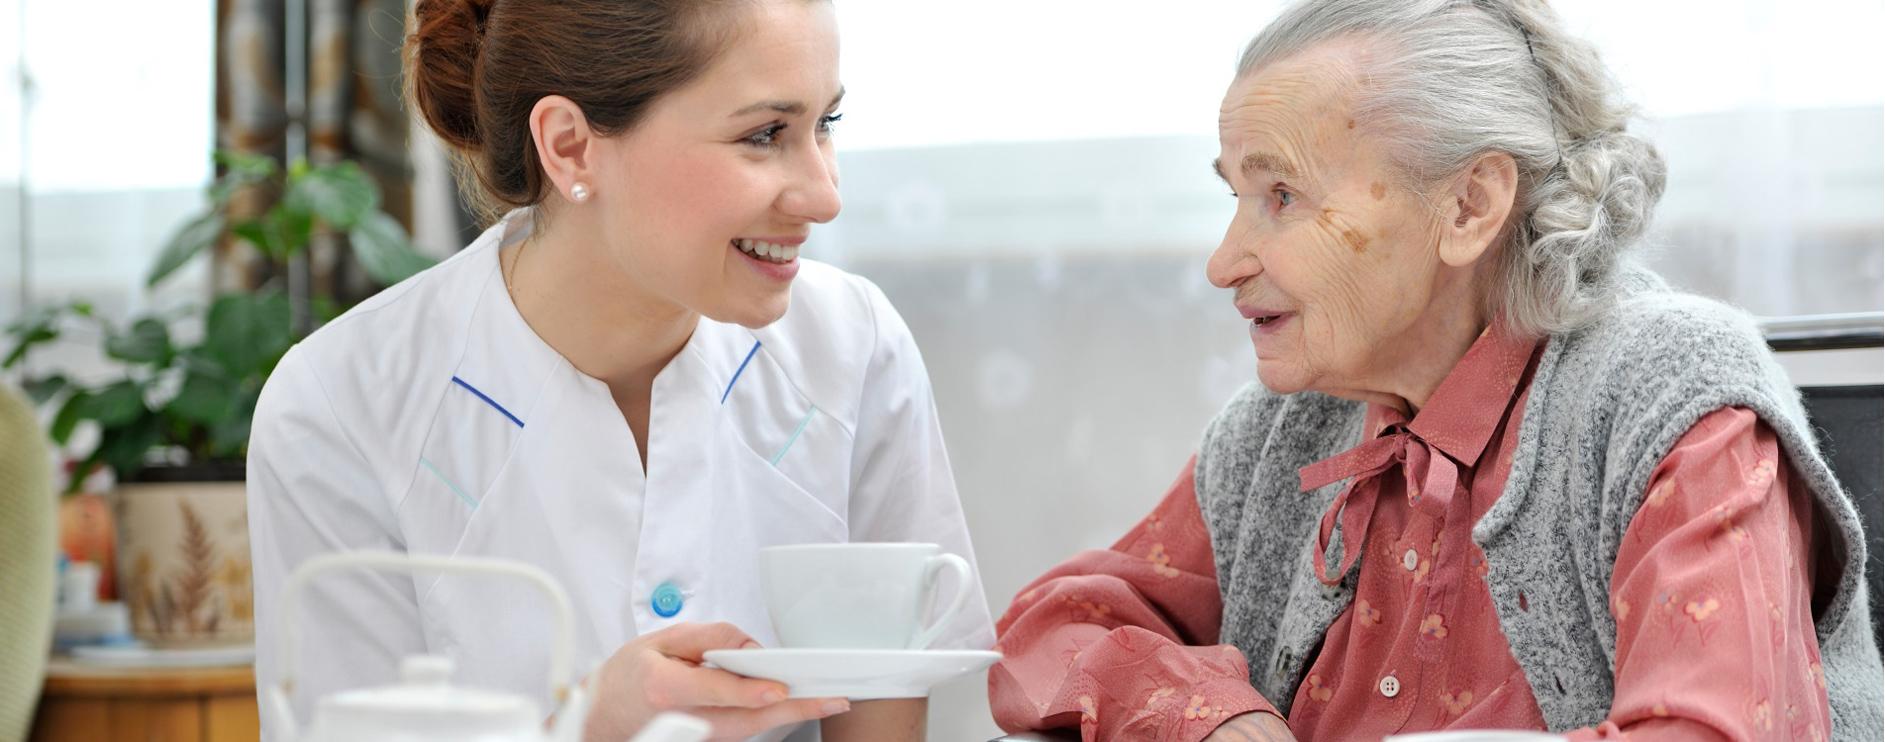 Sundhedsassistenterne